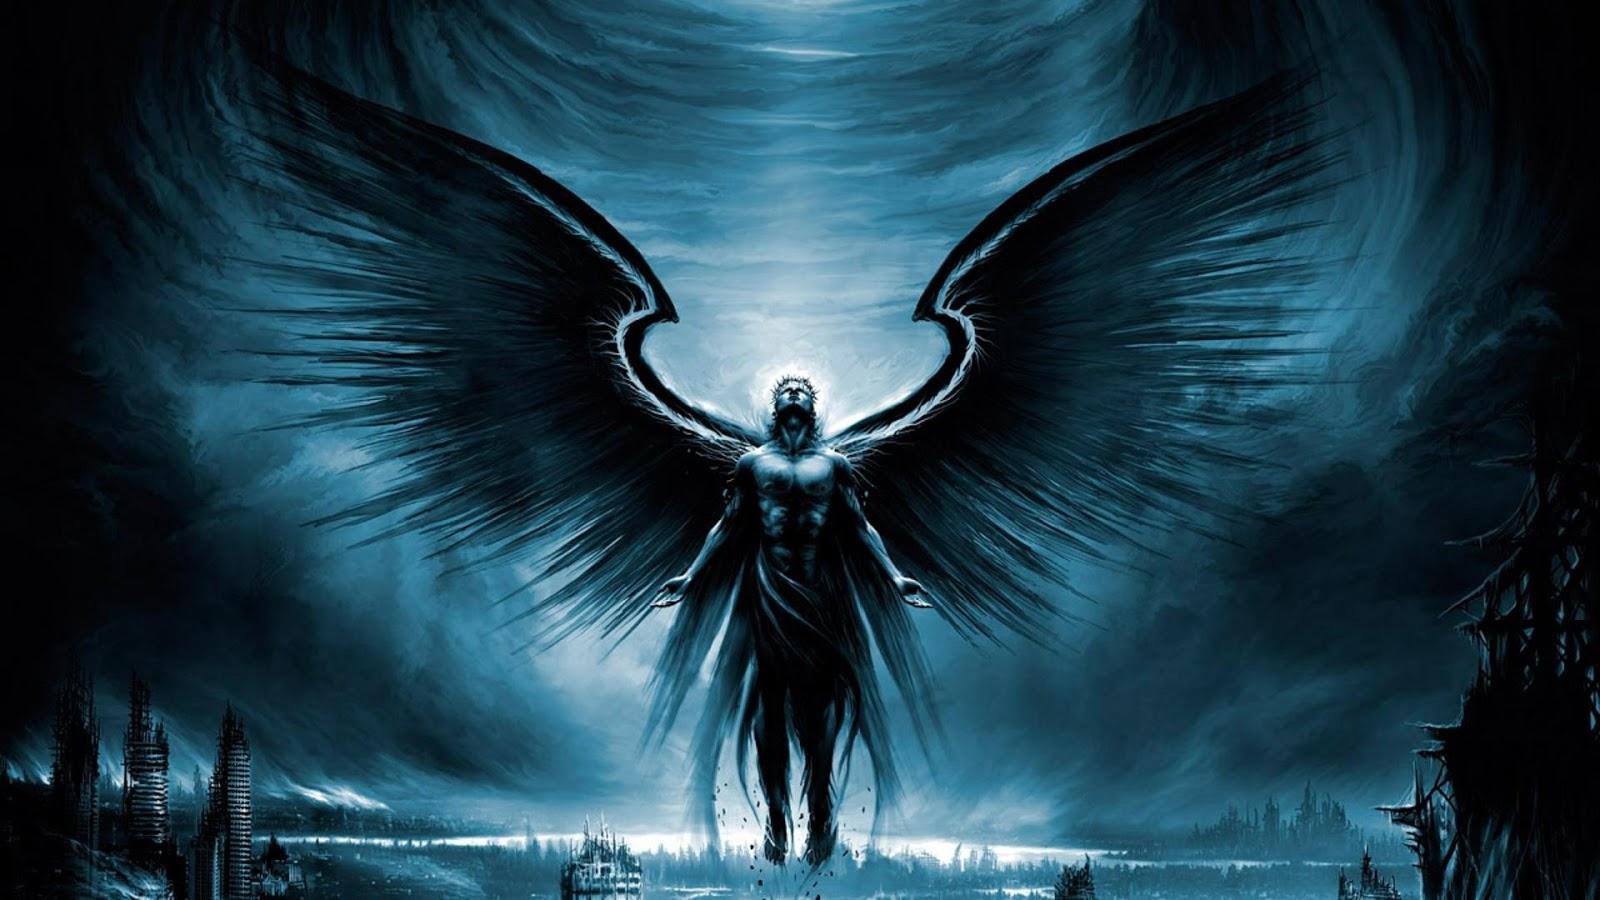 http://2.bp.blogspot.com/-_CXPp0twuak/URpLnZpIiCI/AAAAAAAASaE/QvyqW329-Uc/s1600/wallpaper-anjo-do-apocalipse.jpg